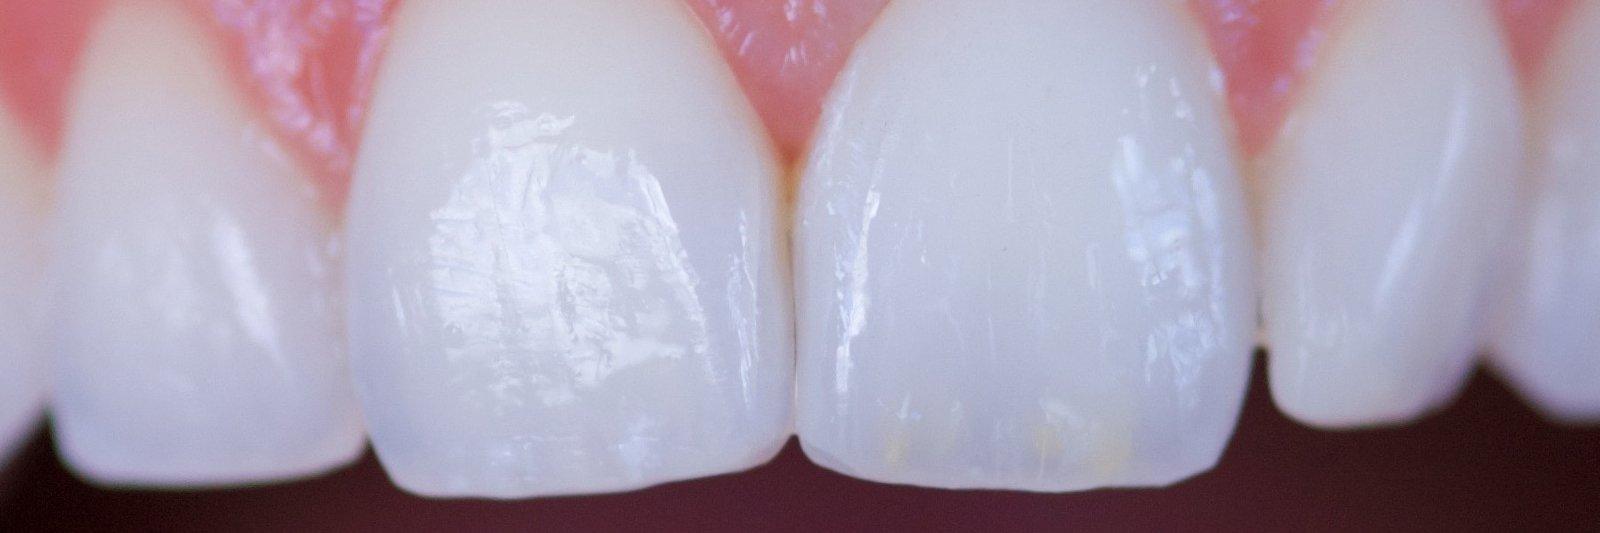 Alt om tænder, mund, og sundhed